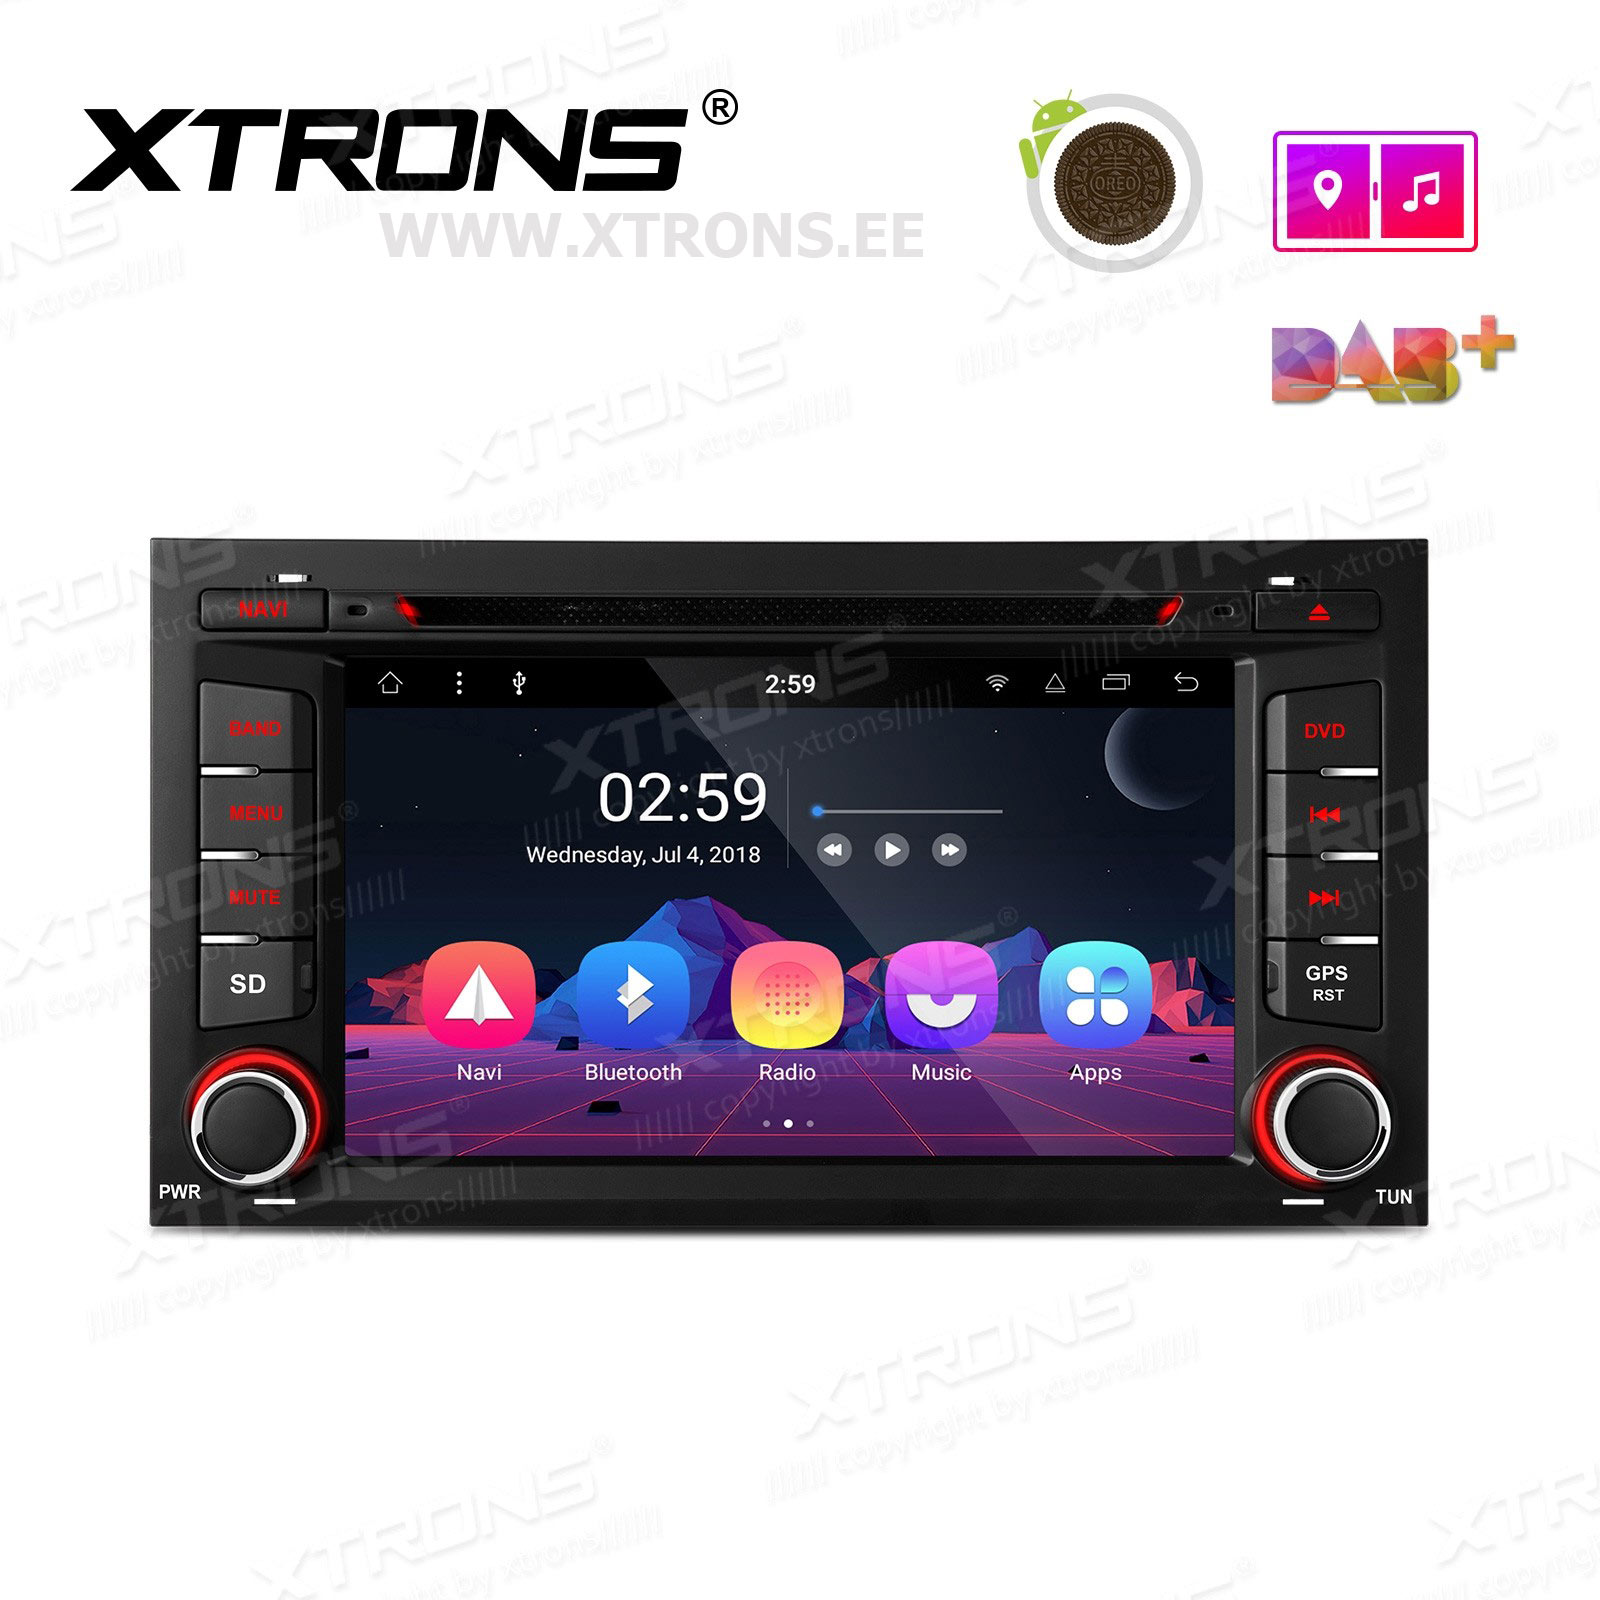 XTRONS PR78LES